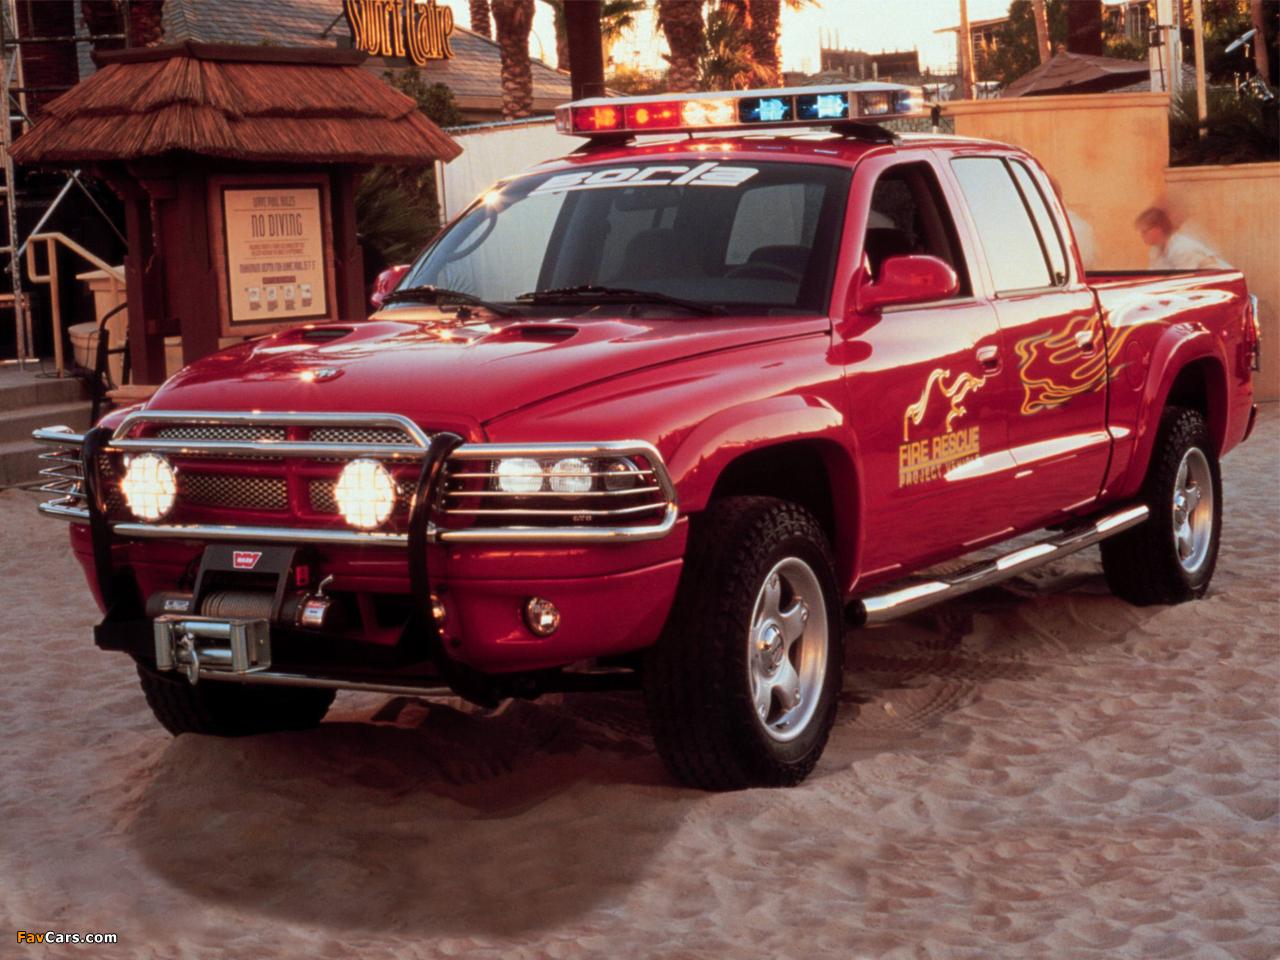 Dodge Dakota Quad Cab Fire Rescue Project Vehicle 2000 photos (1280 x 960)